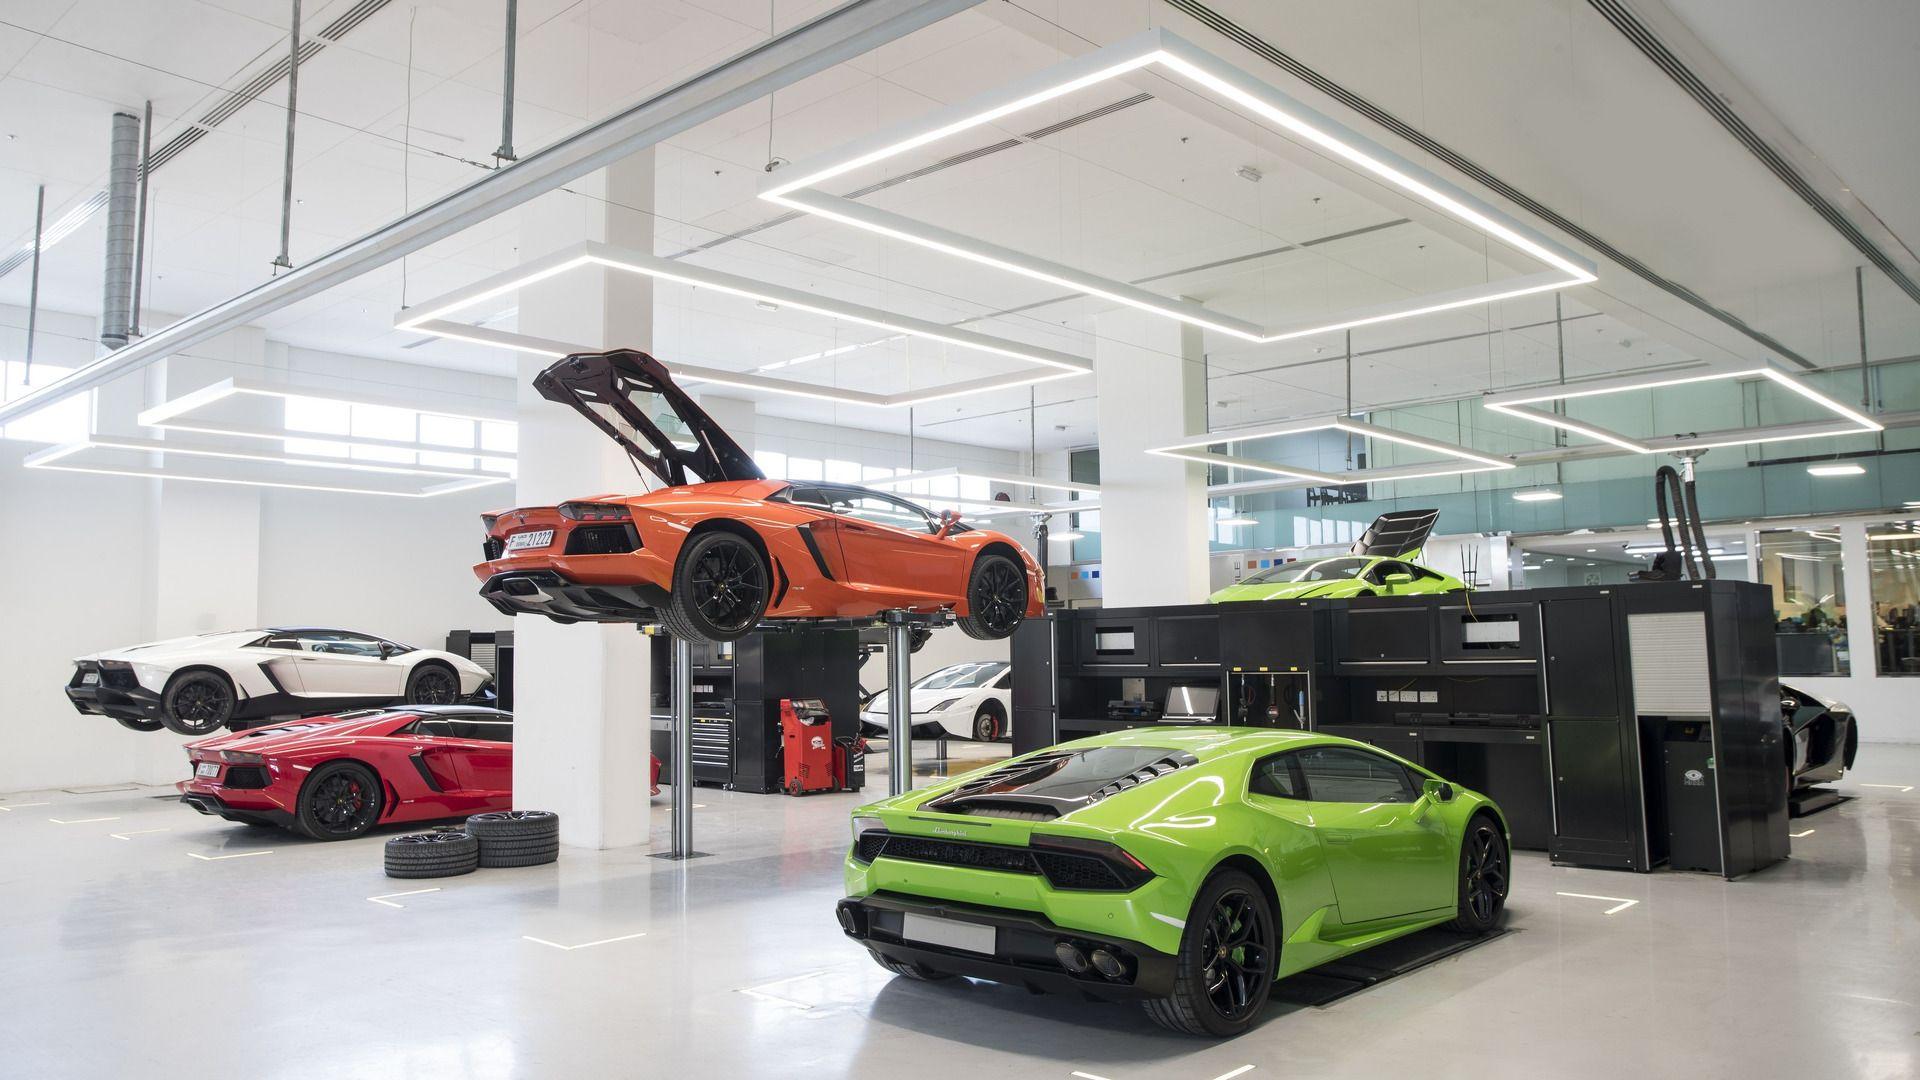 Lamborghini Ouvre Une Gigantesque Concession à Dubaï Lamborghini Voitures De Sport De Luxe Dubai